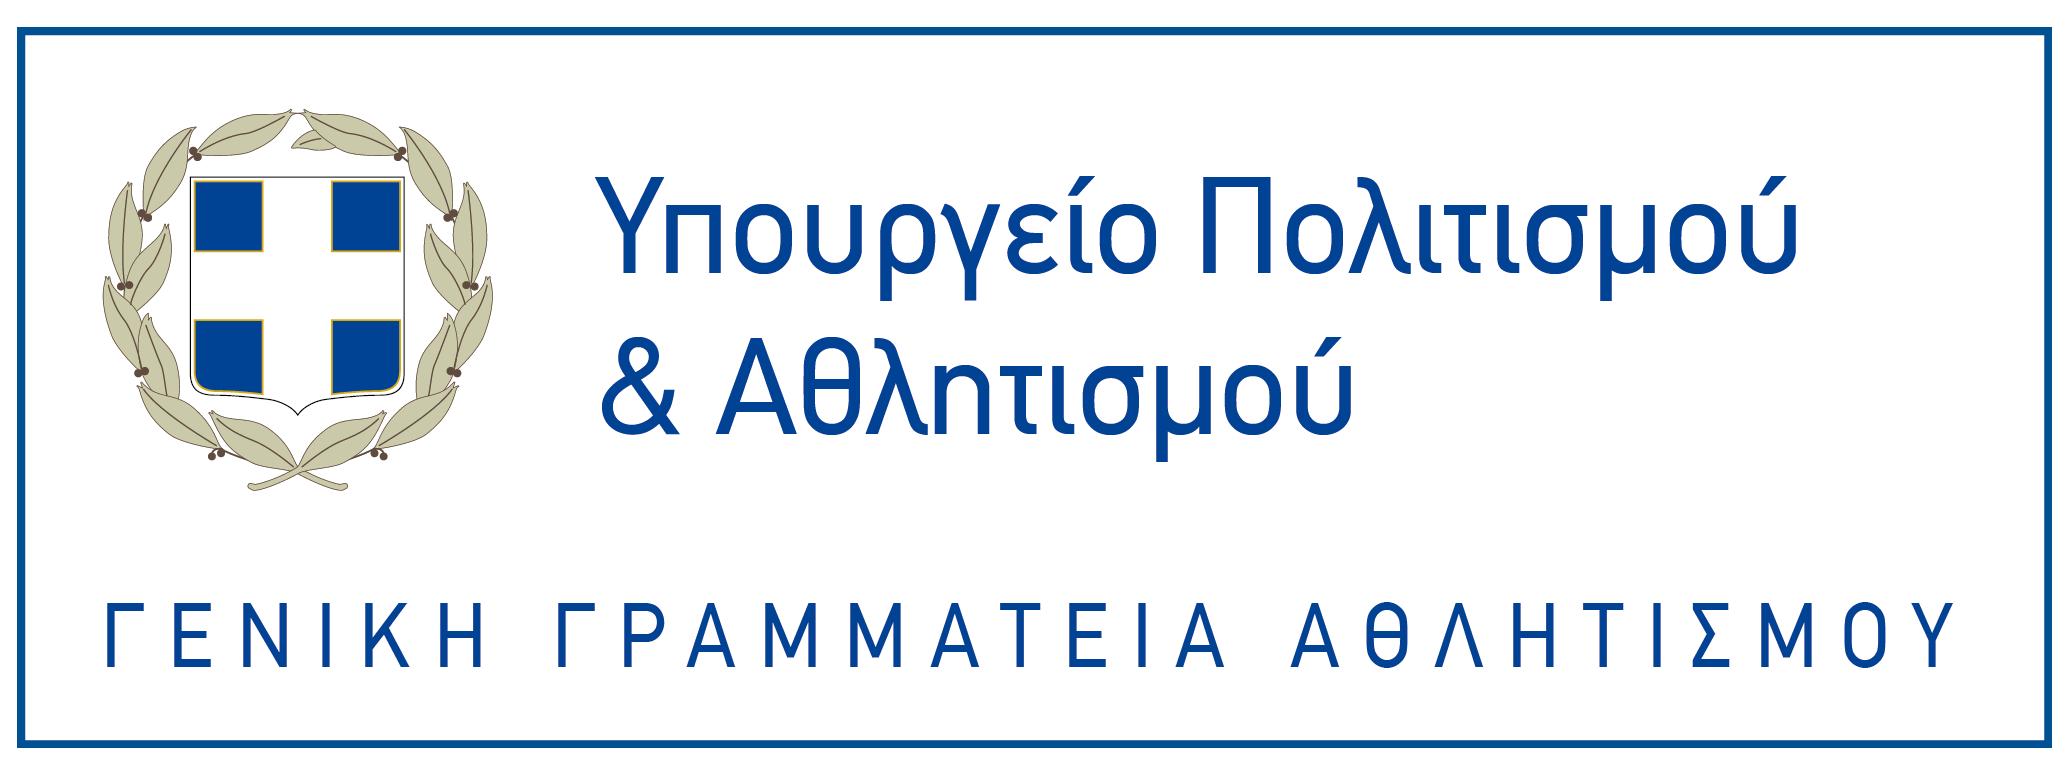 Υπουργείο Πολιτισμού & Αθλητισμού